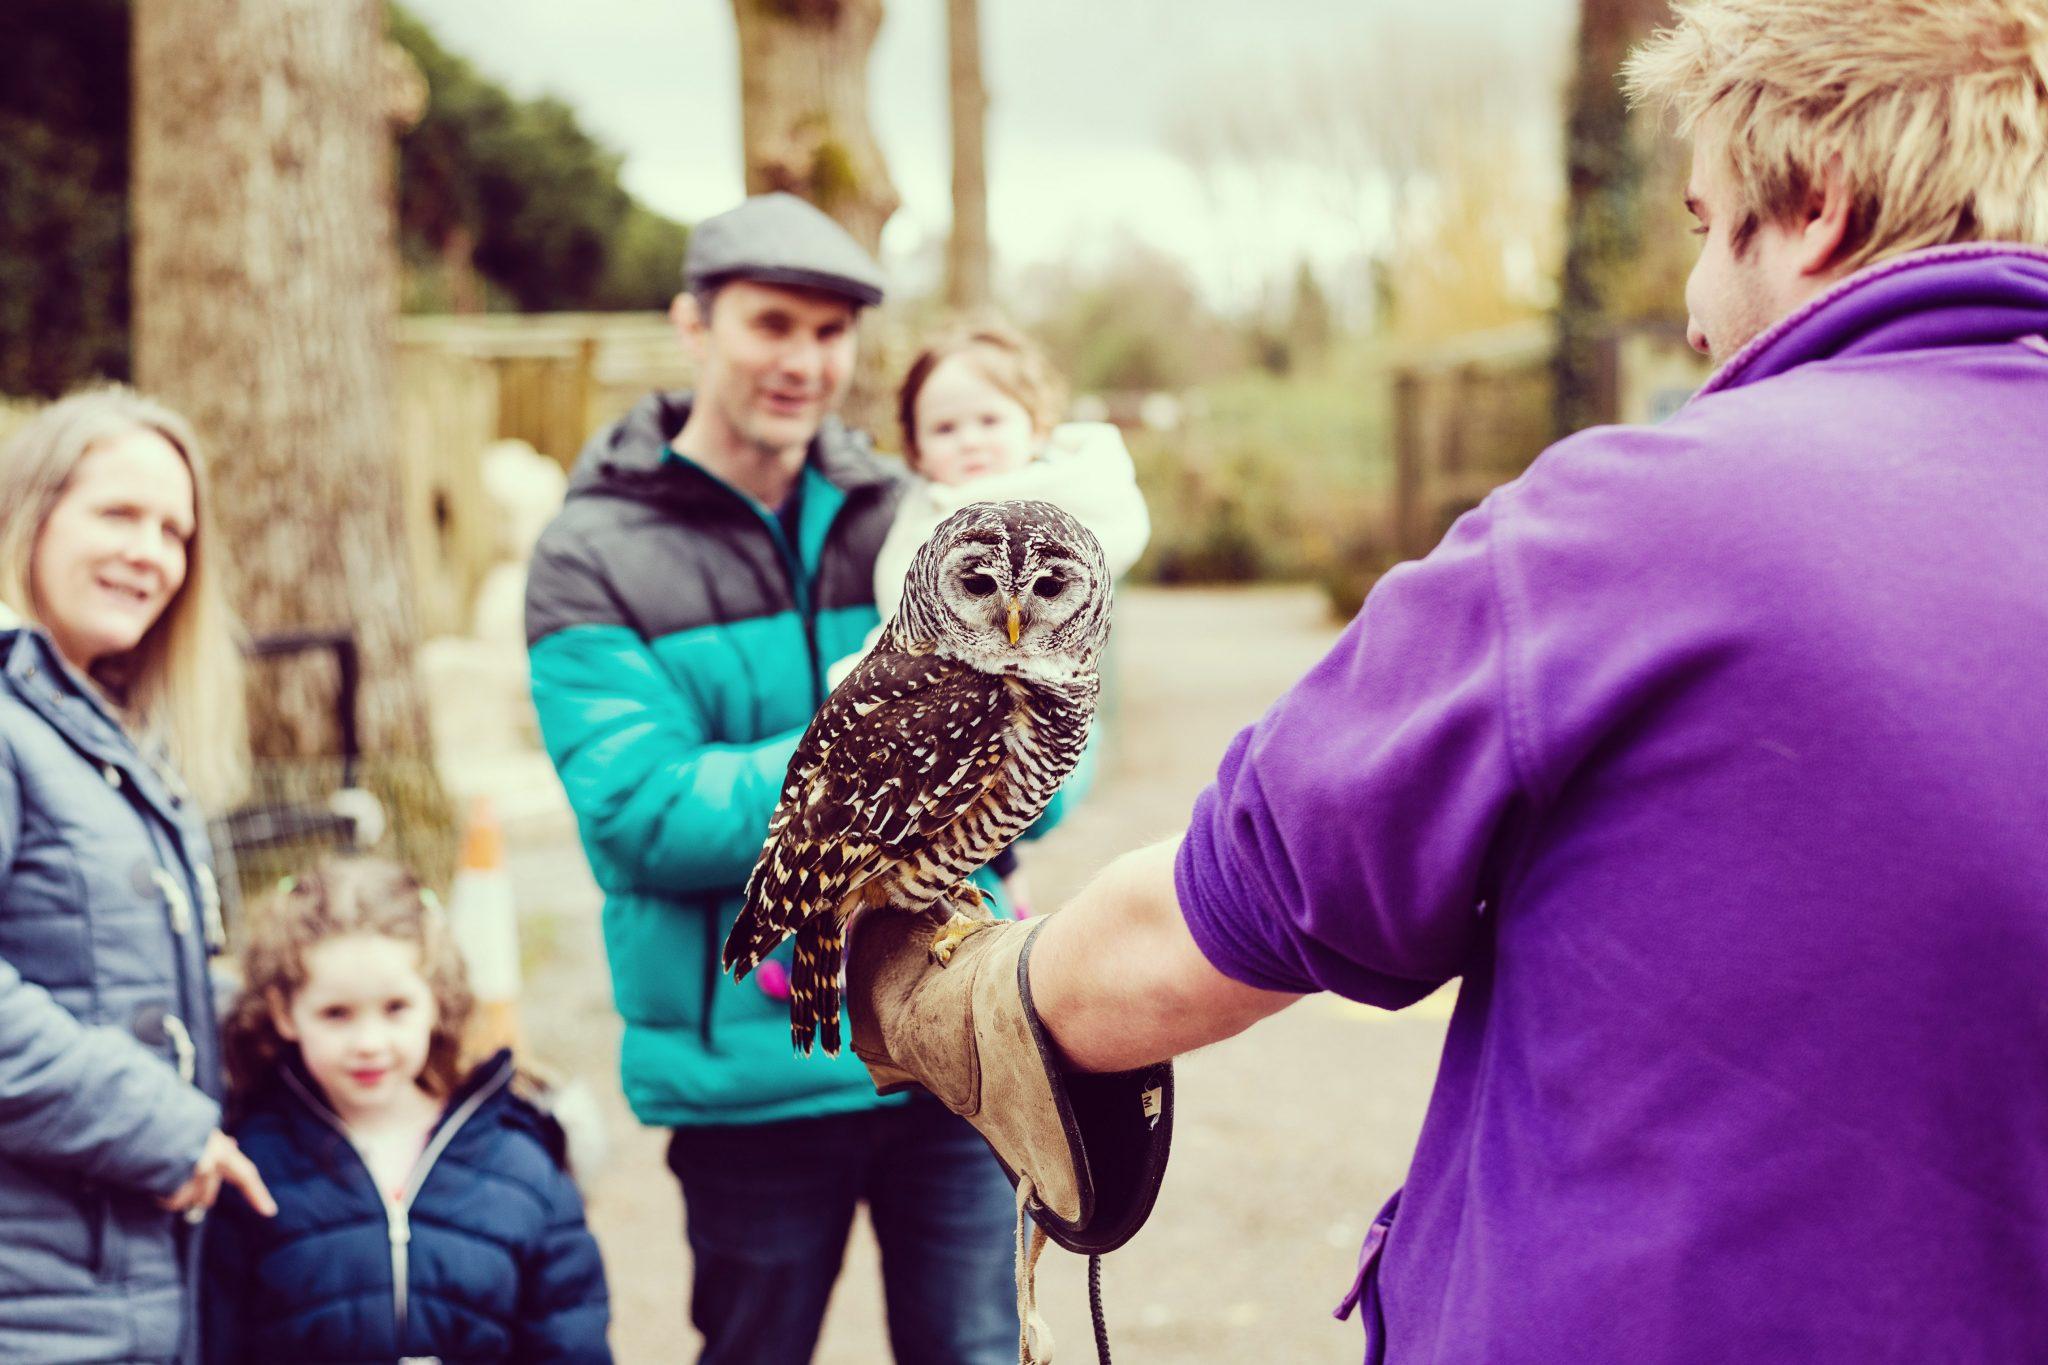 Birdland gloucestershire, birdland cotswolds, family fun cotswolds